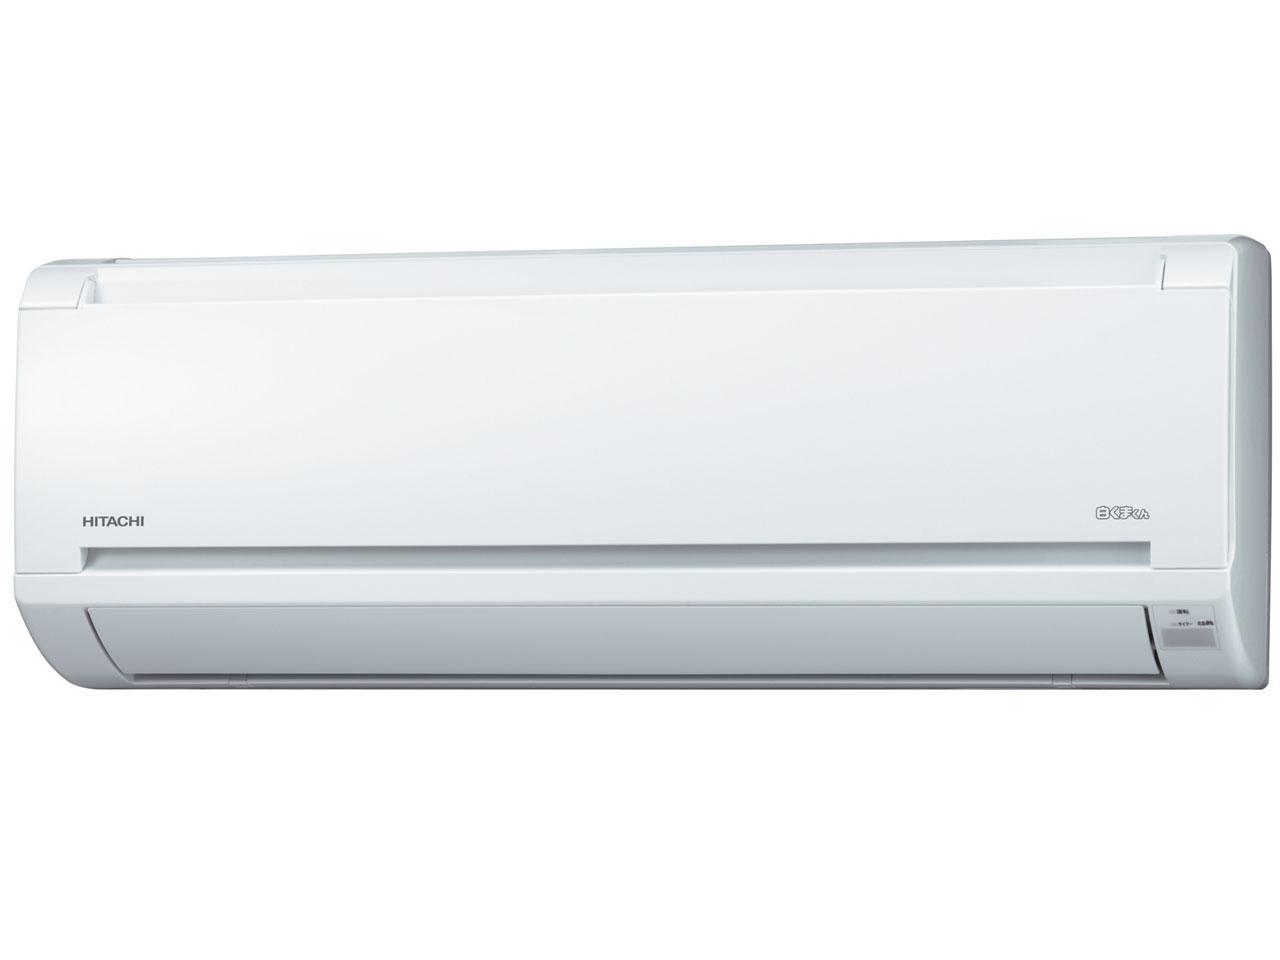 白くまくん RAS-AJ22C(W) [クリアホワイト] の製品画像